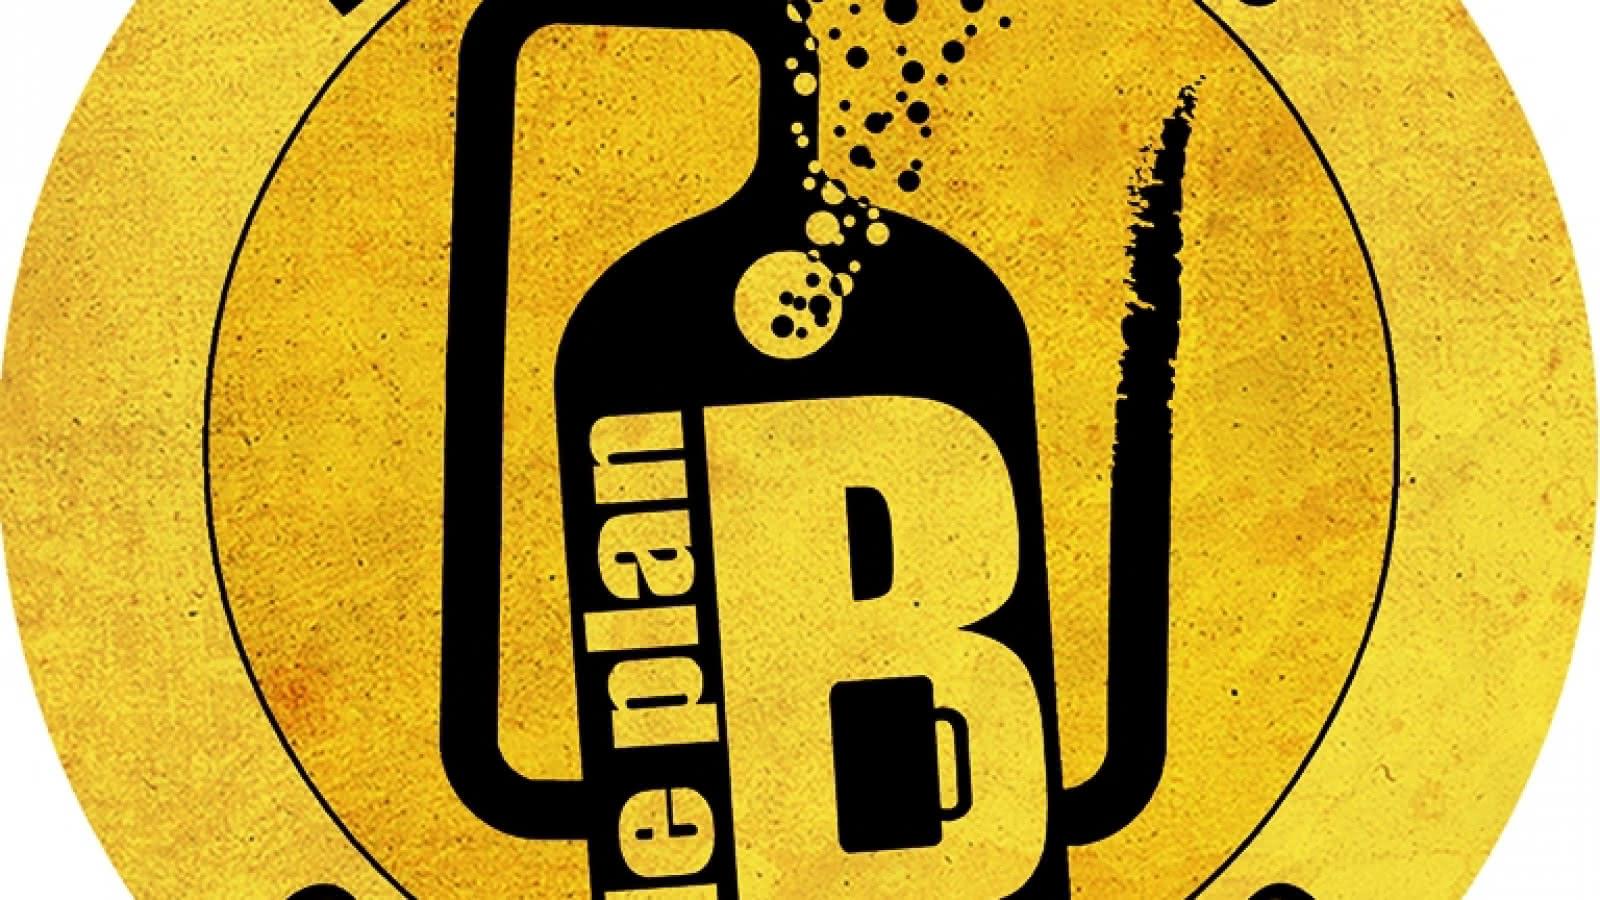 © Bières le plan b